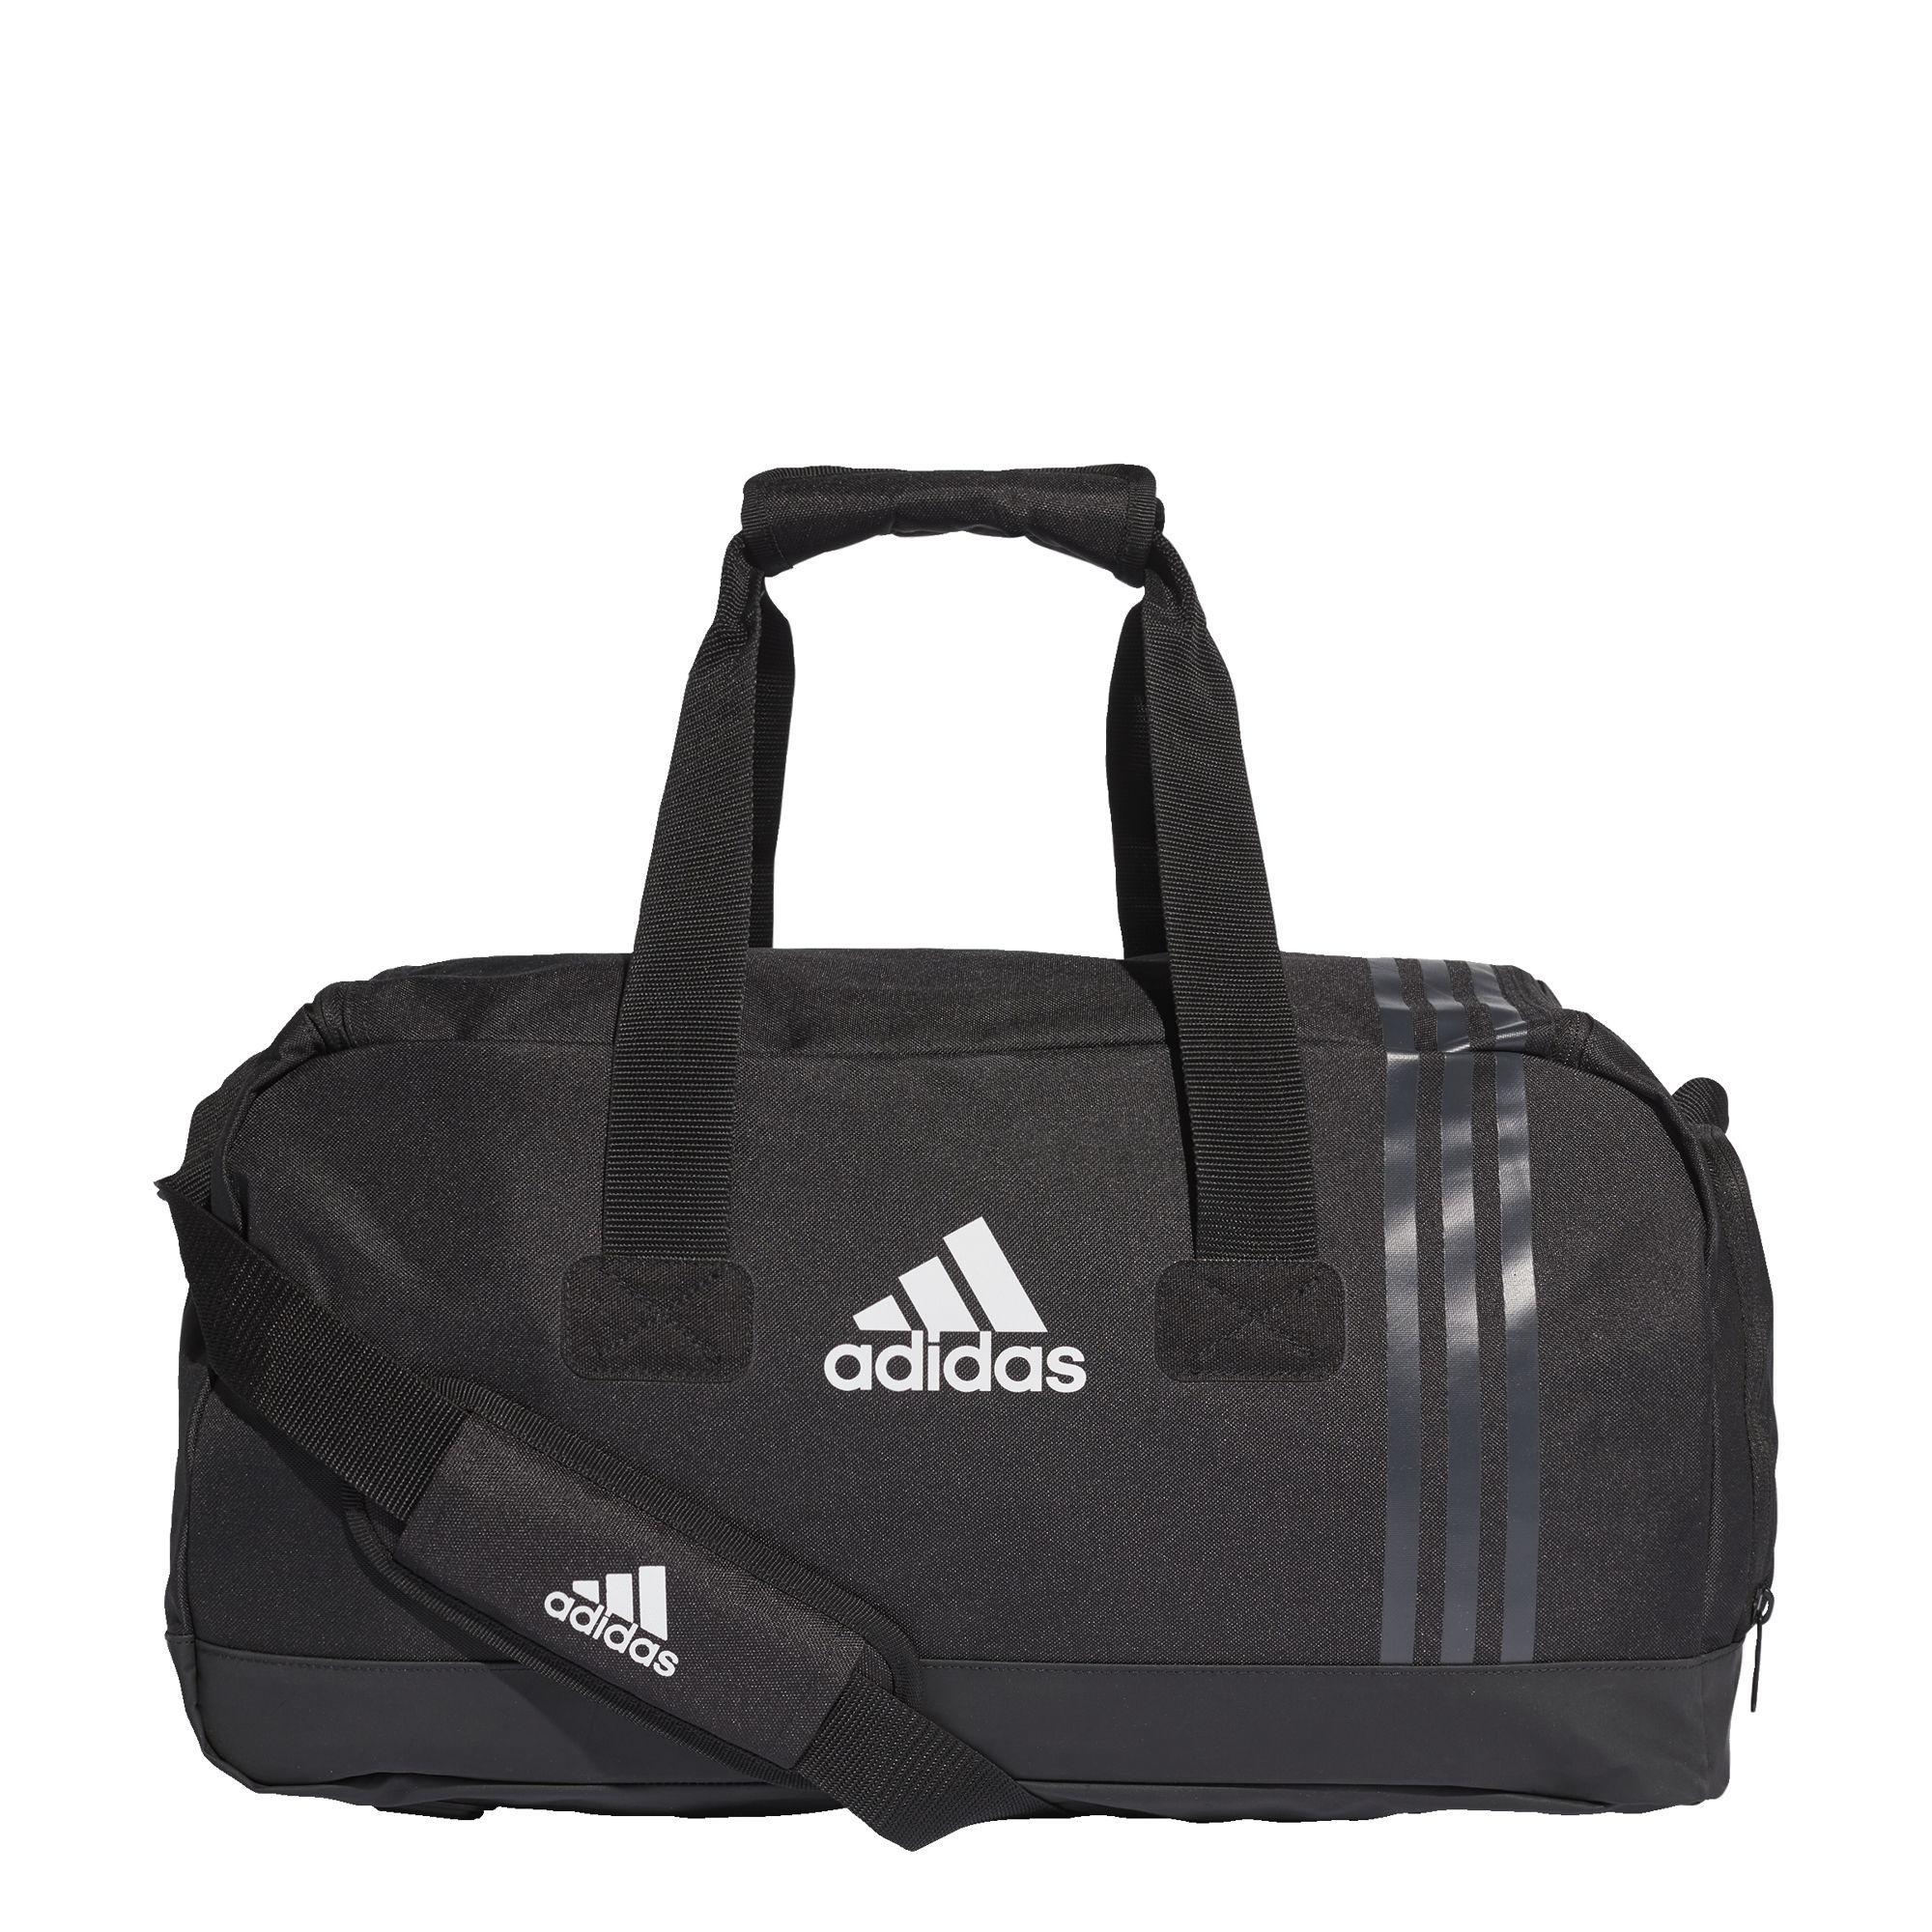 536a717693a9c Adidas Tiro Team-Tasche S Sporttasche Herren Black   Dark Grey   White im  Online Shop von SportScheck kaufen